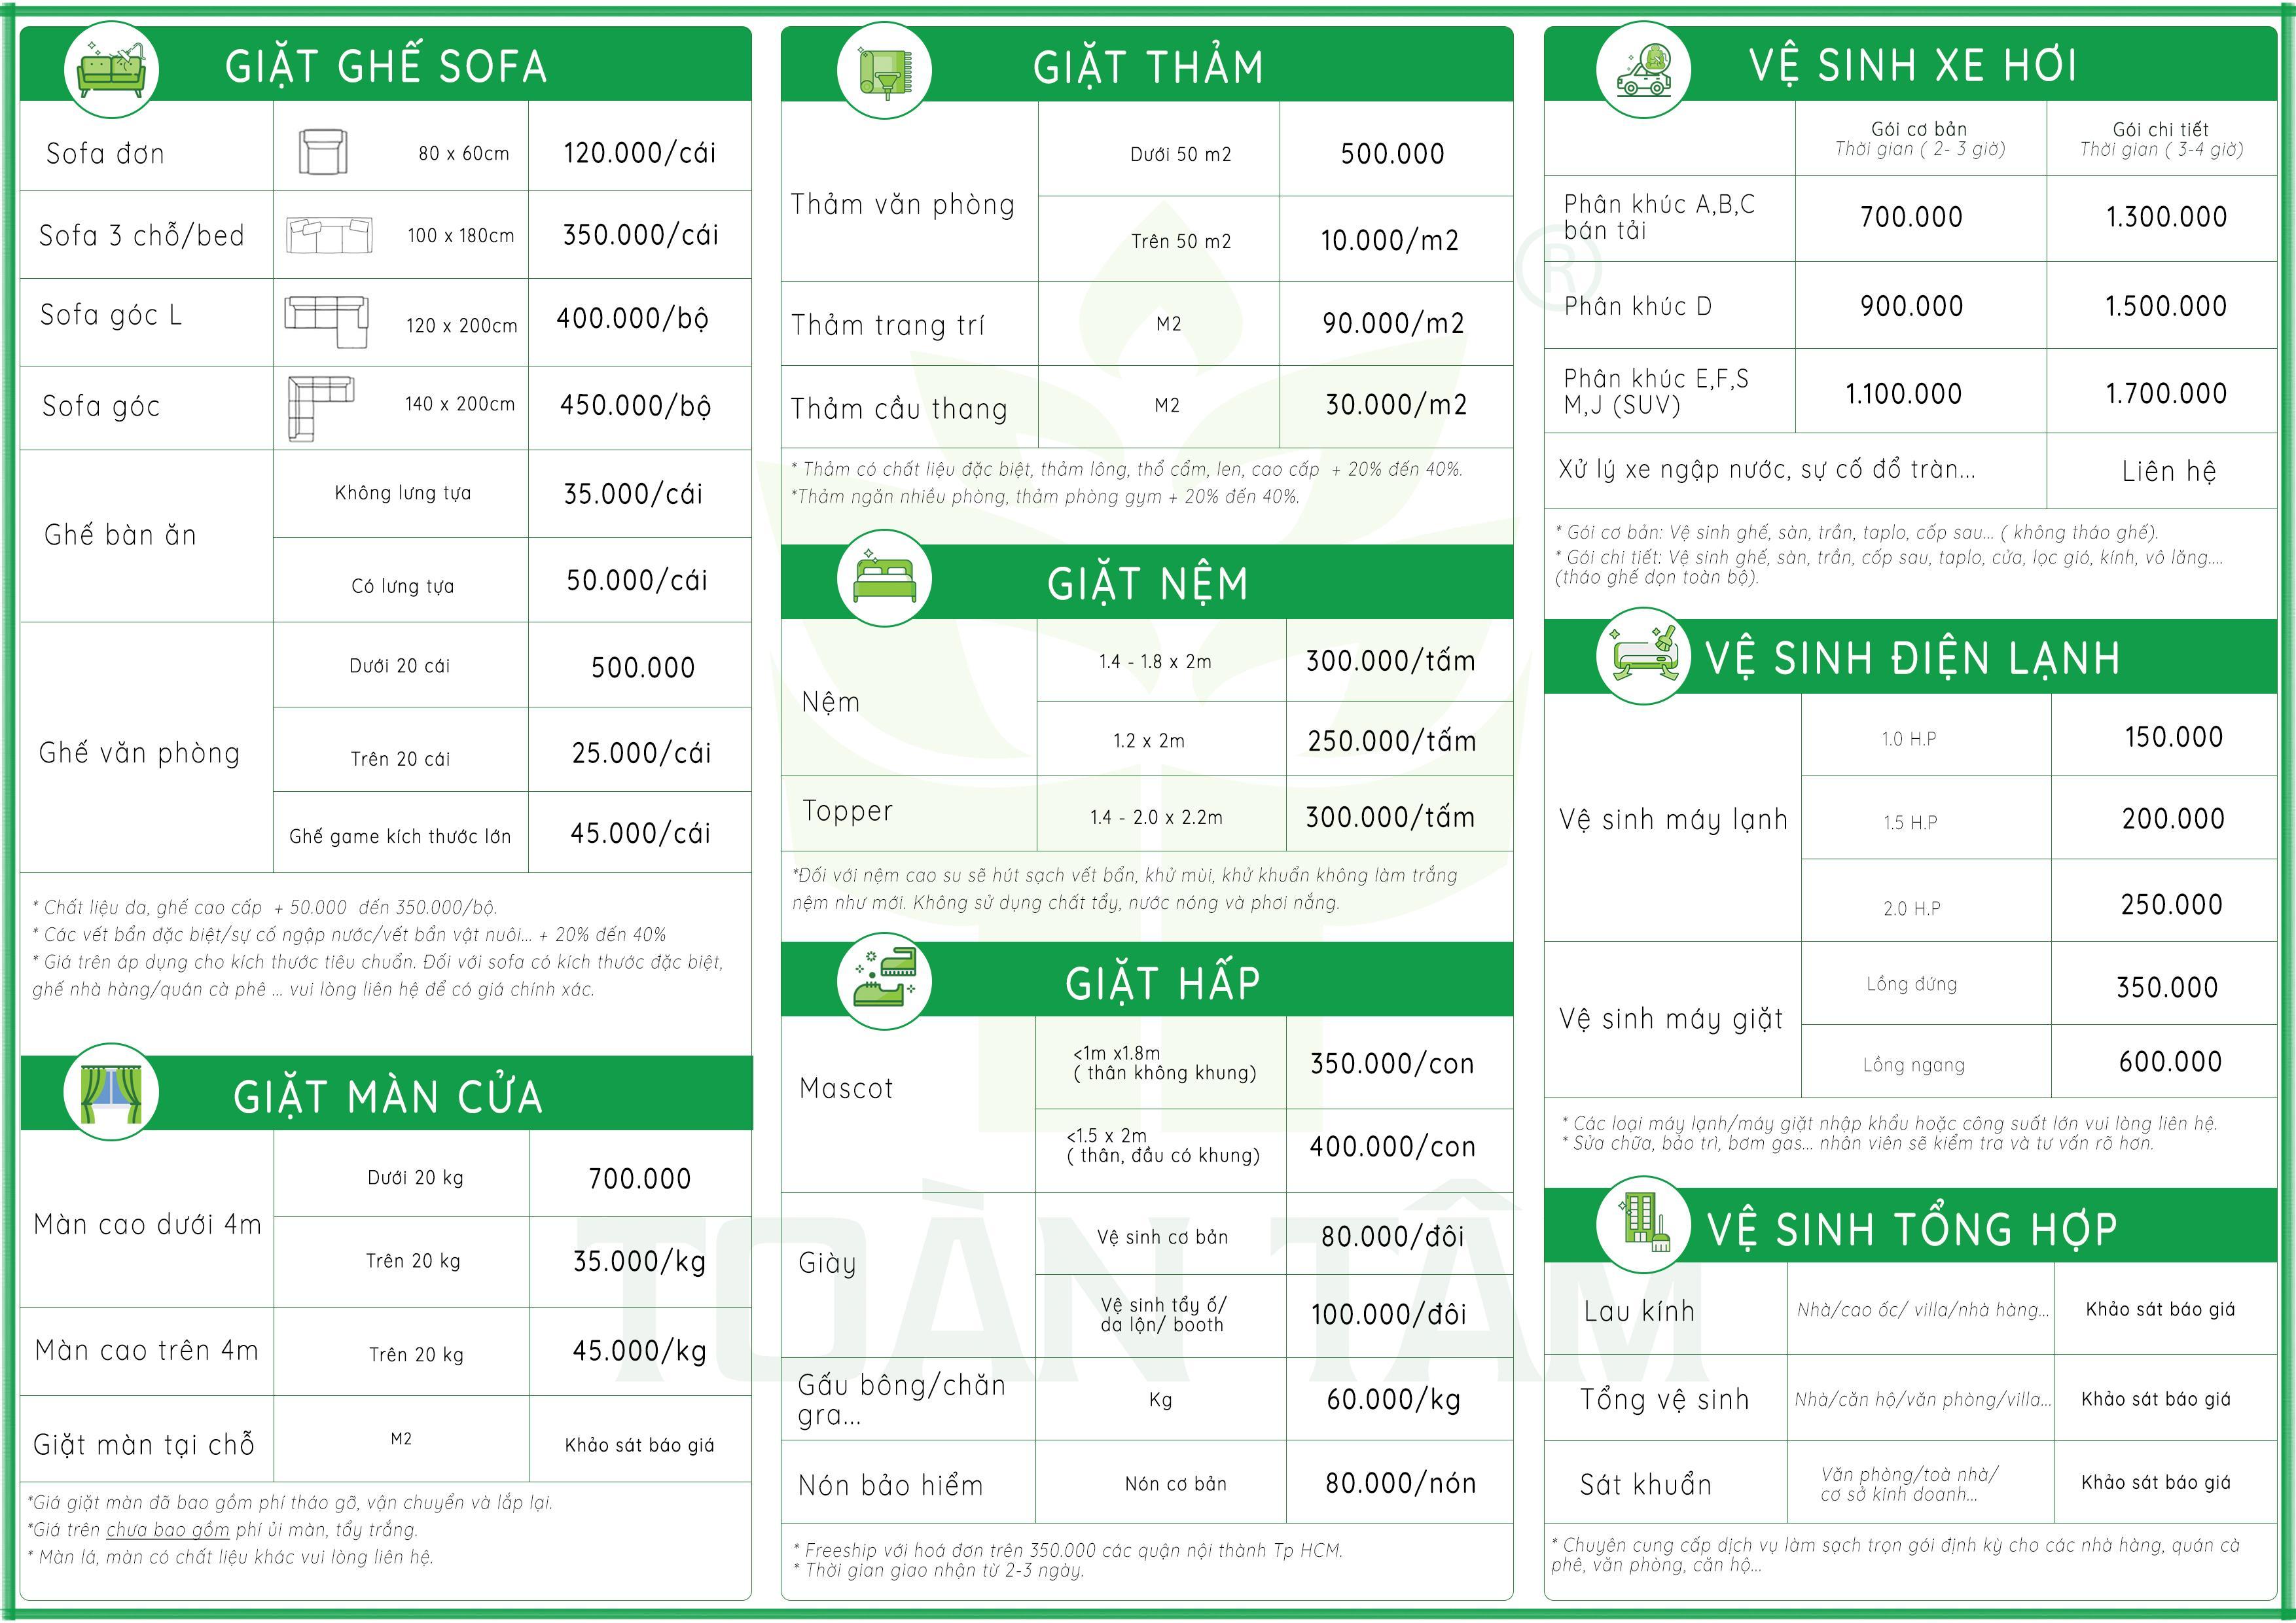 Bảng giá dịch vụ giặt thảm, giặt ghế sofa, giặt nệm, vệ sinh nội thất xe hơi